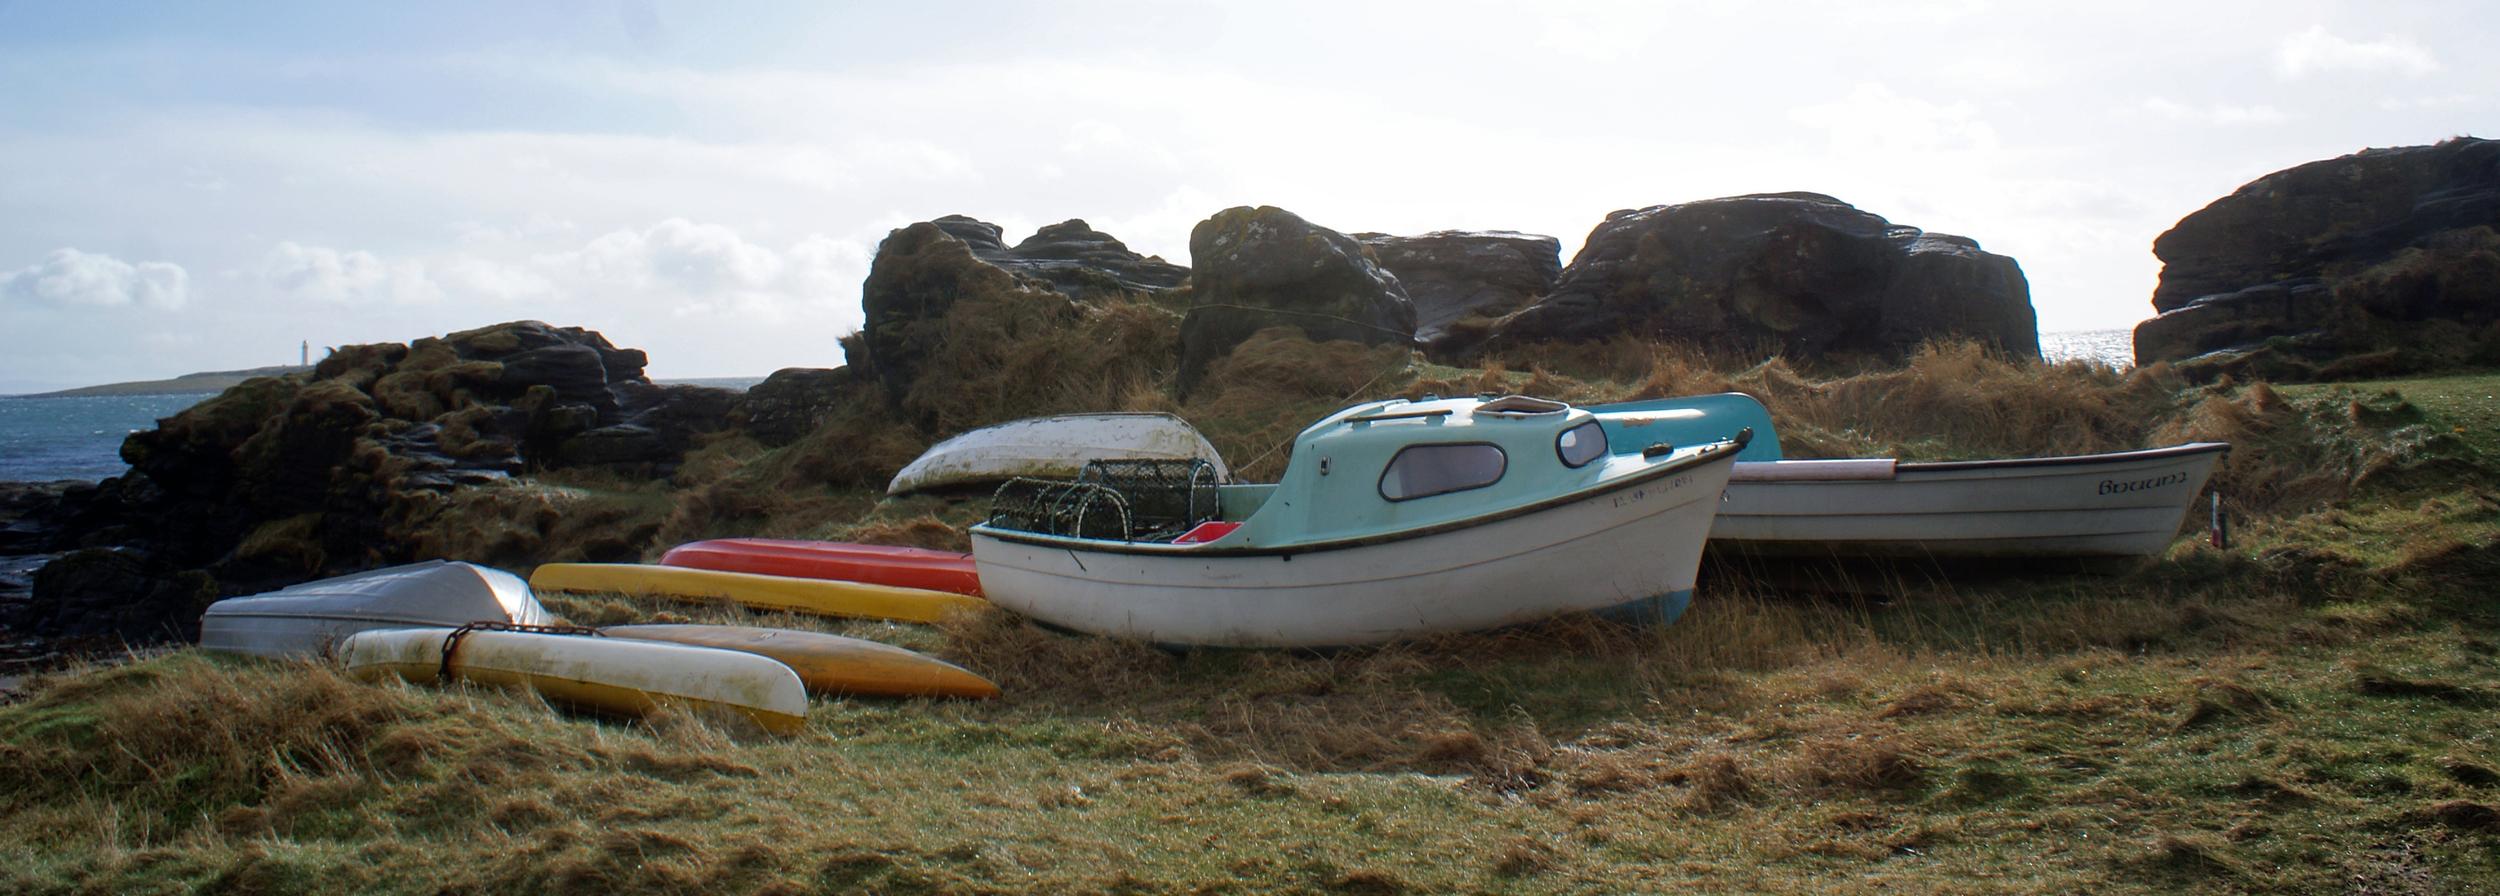 Kildonan Shore 02.jpg